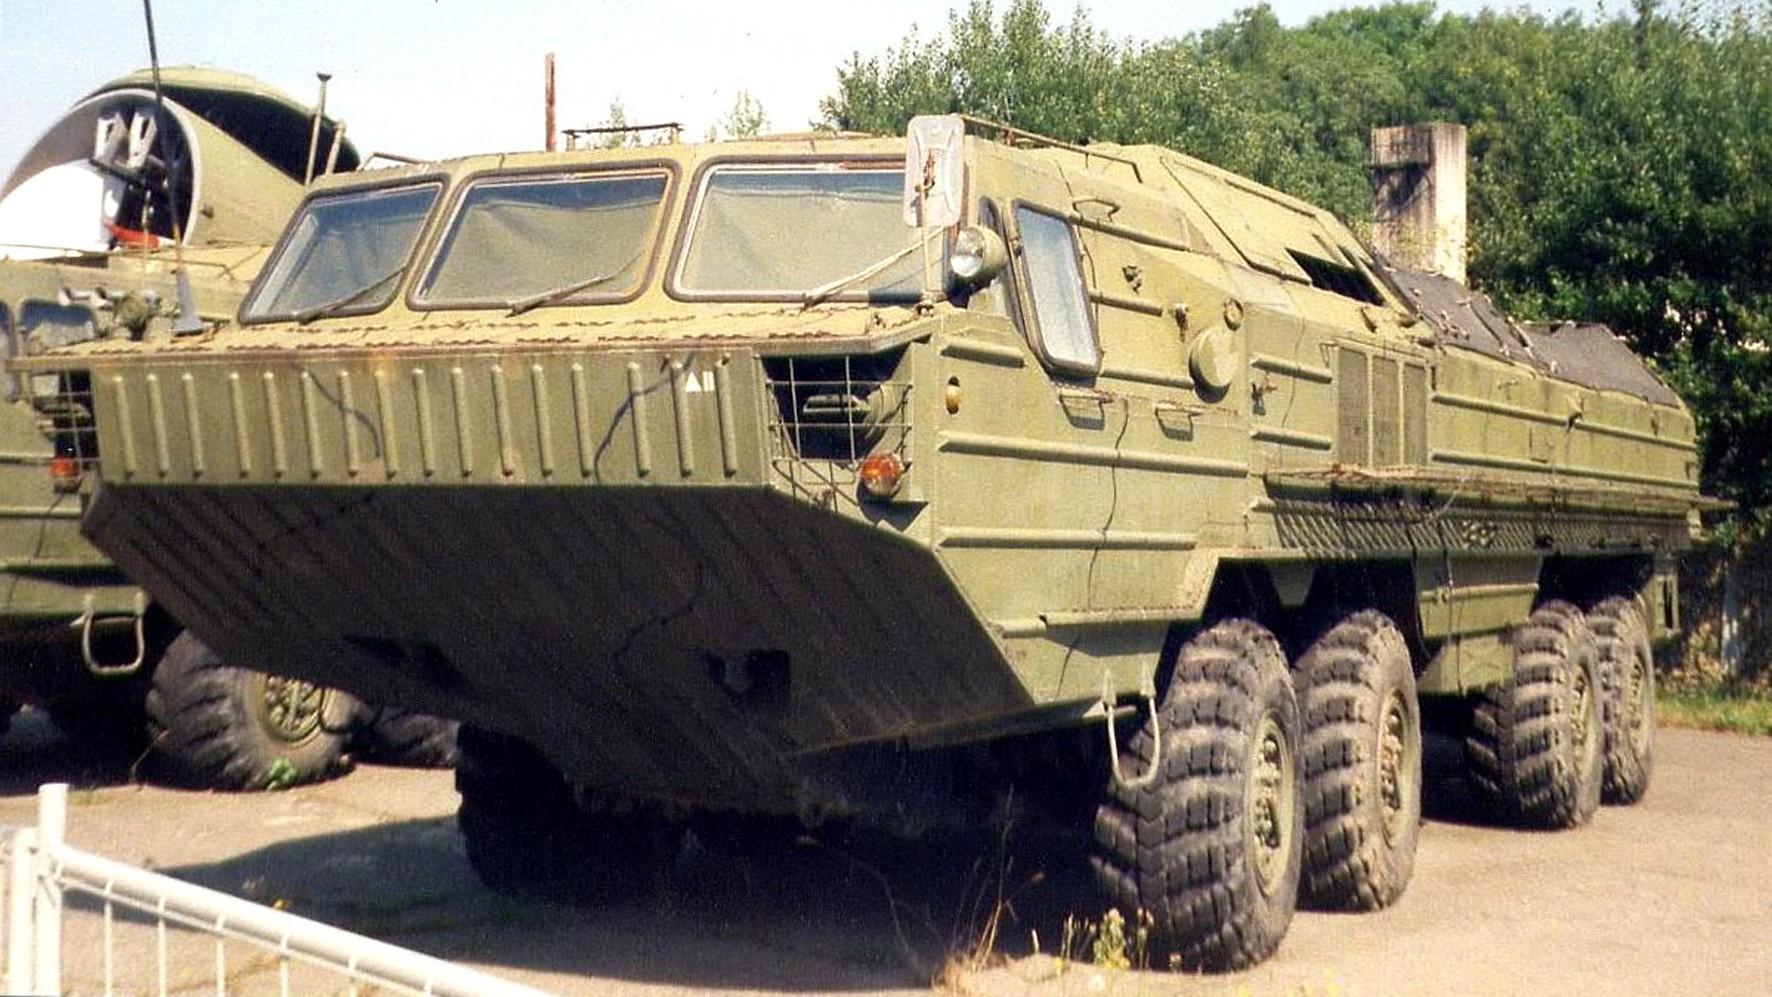 ТЗМ 9Т230 с открытым грузовым отсеком на две ракеты (фото M. Smisek)